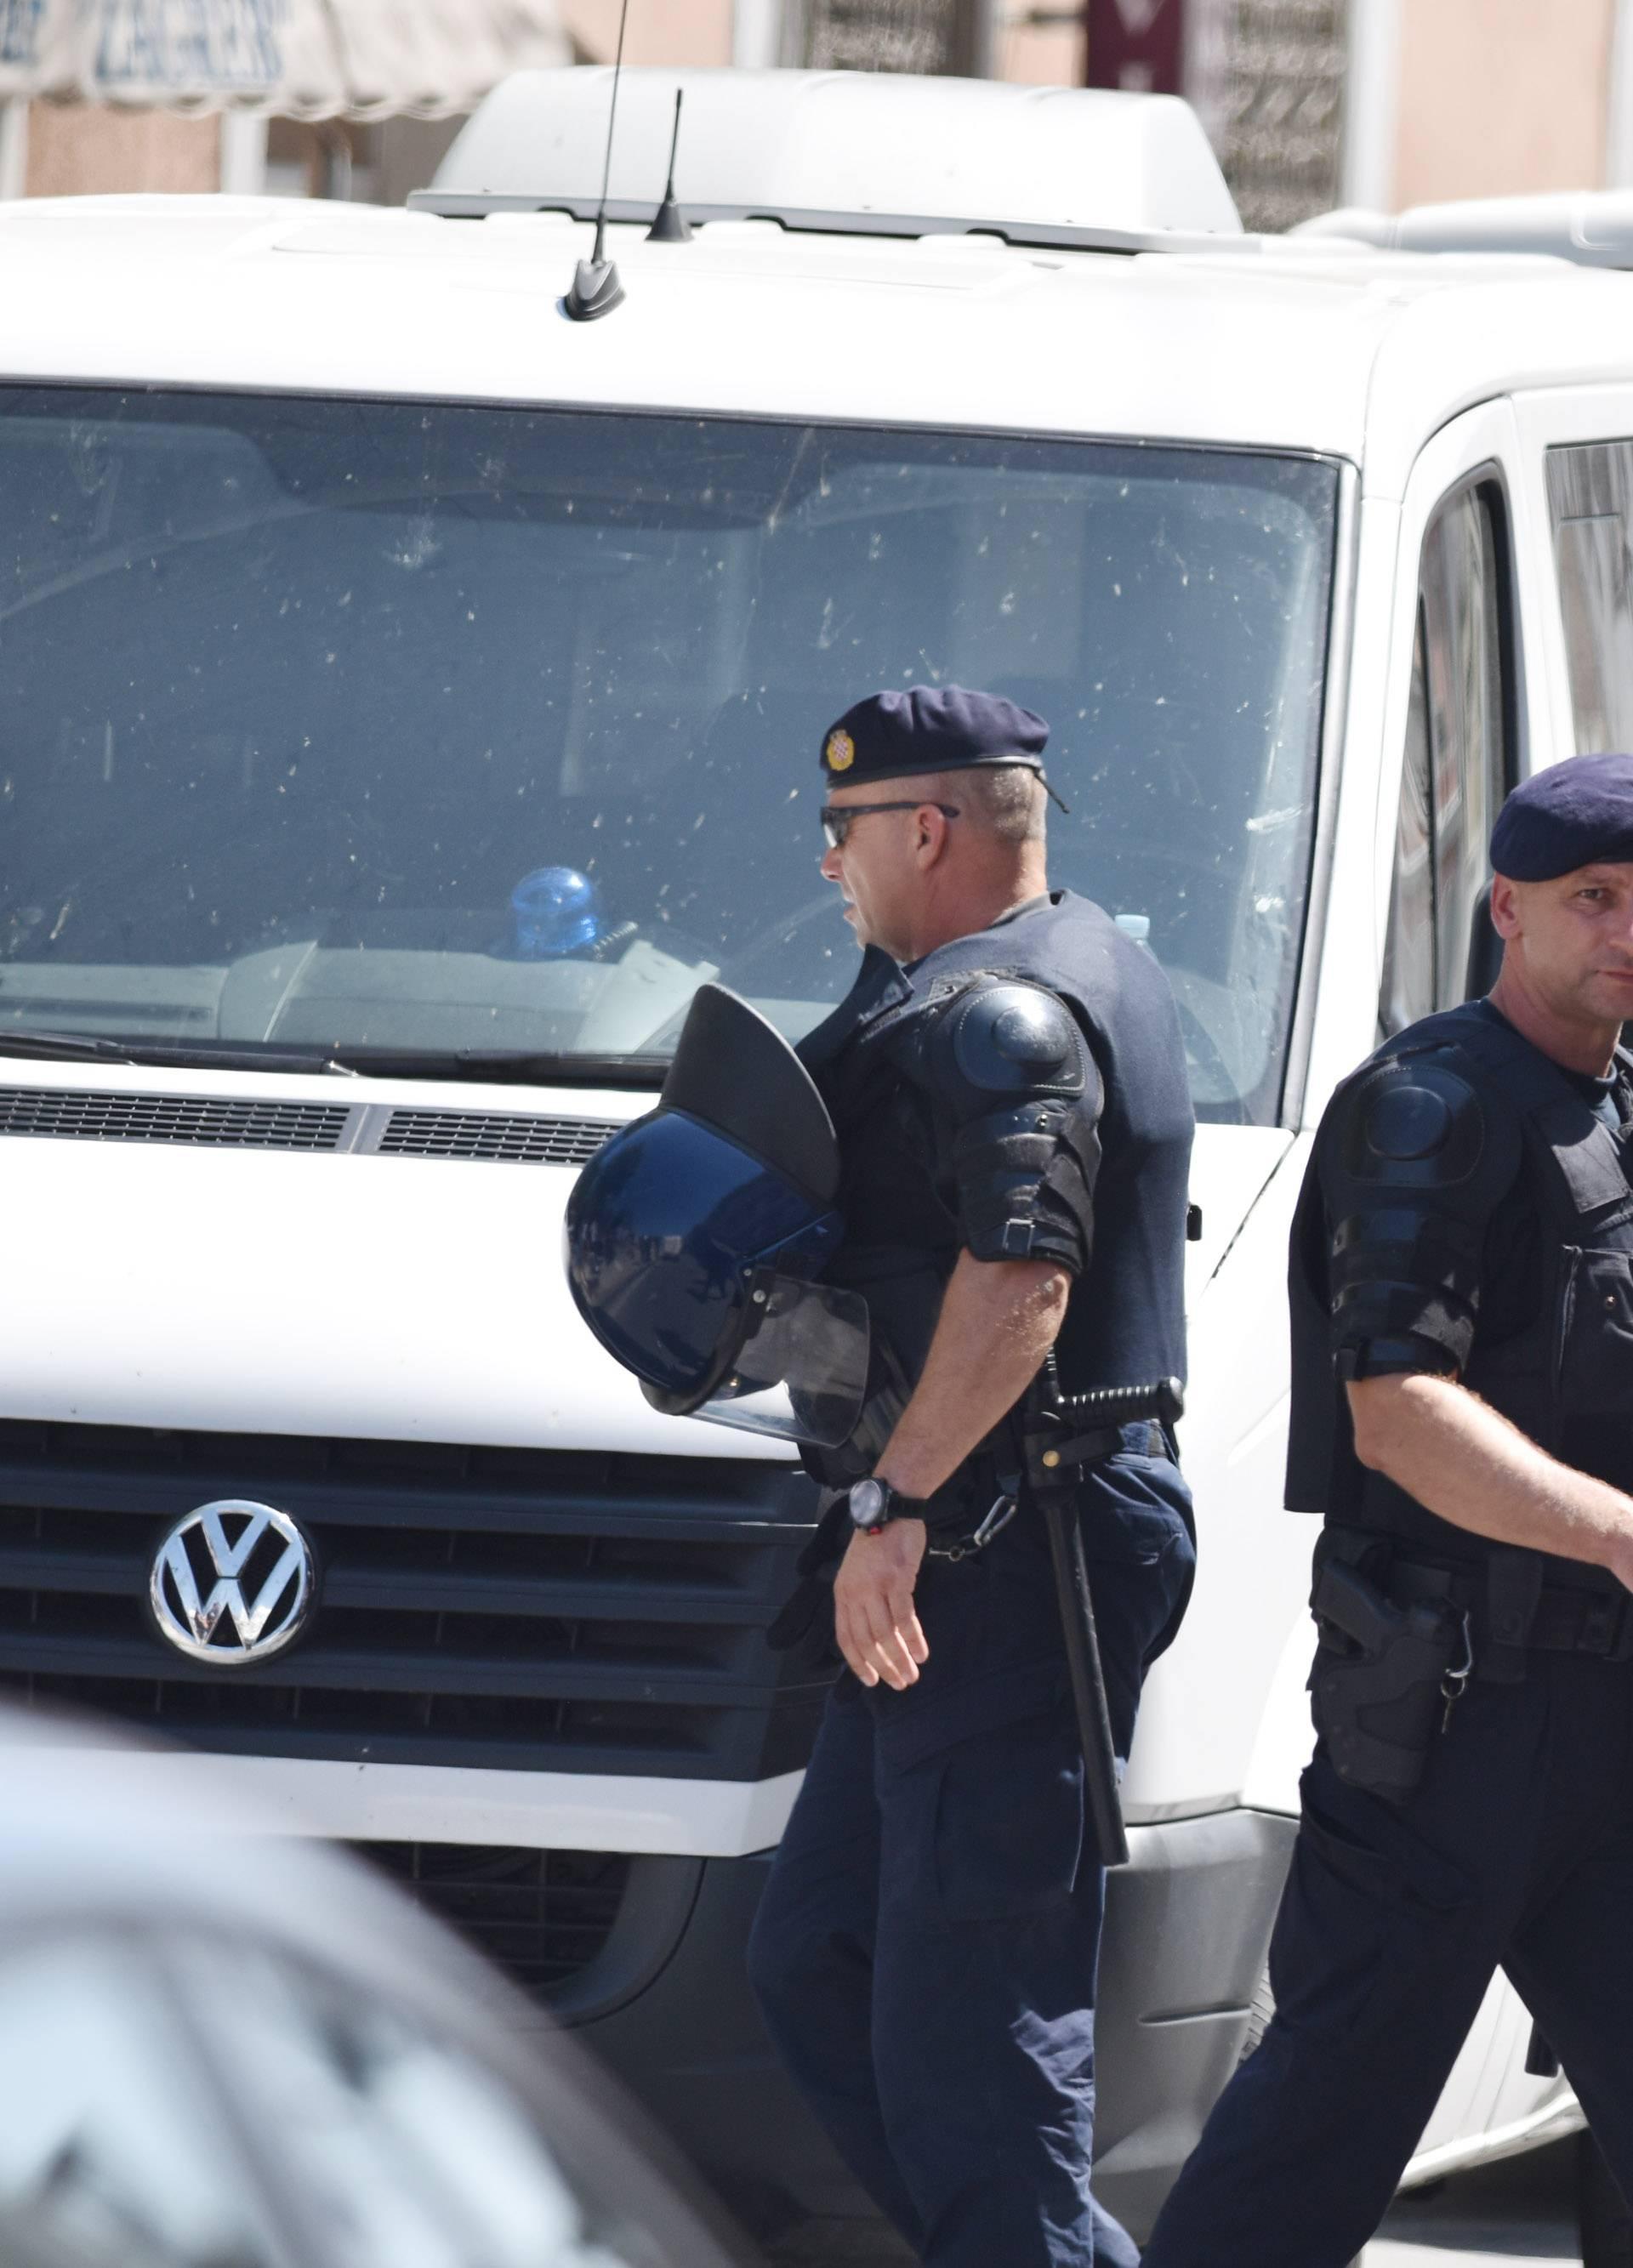 Policija u Kninu privela četvero ljudi zbog ustaškog pozdrava